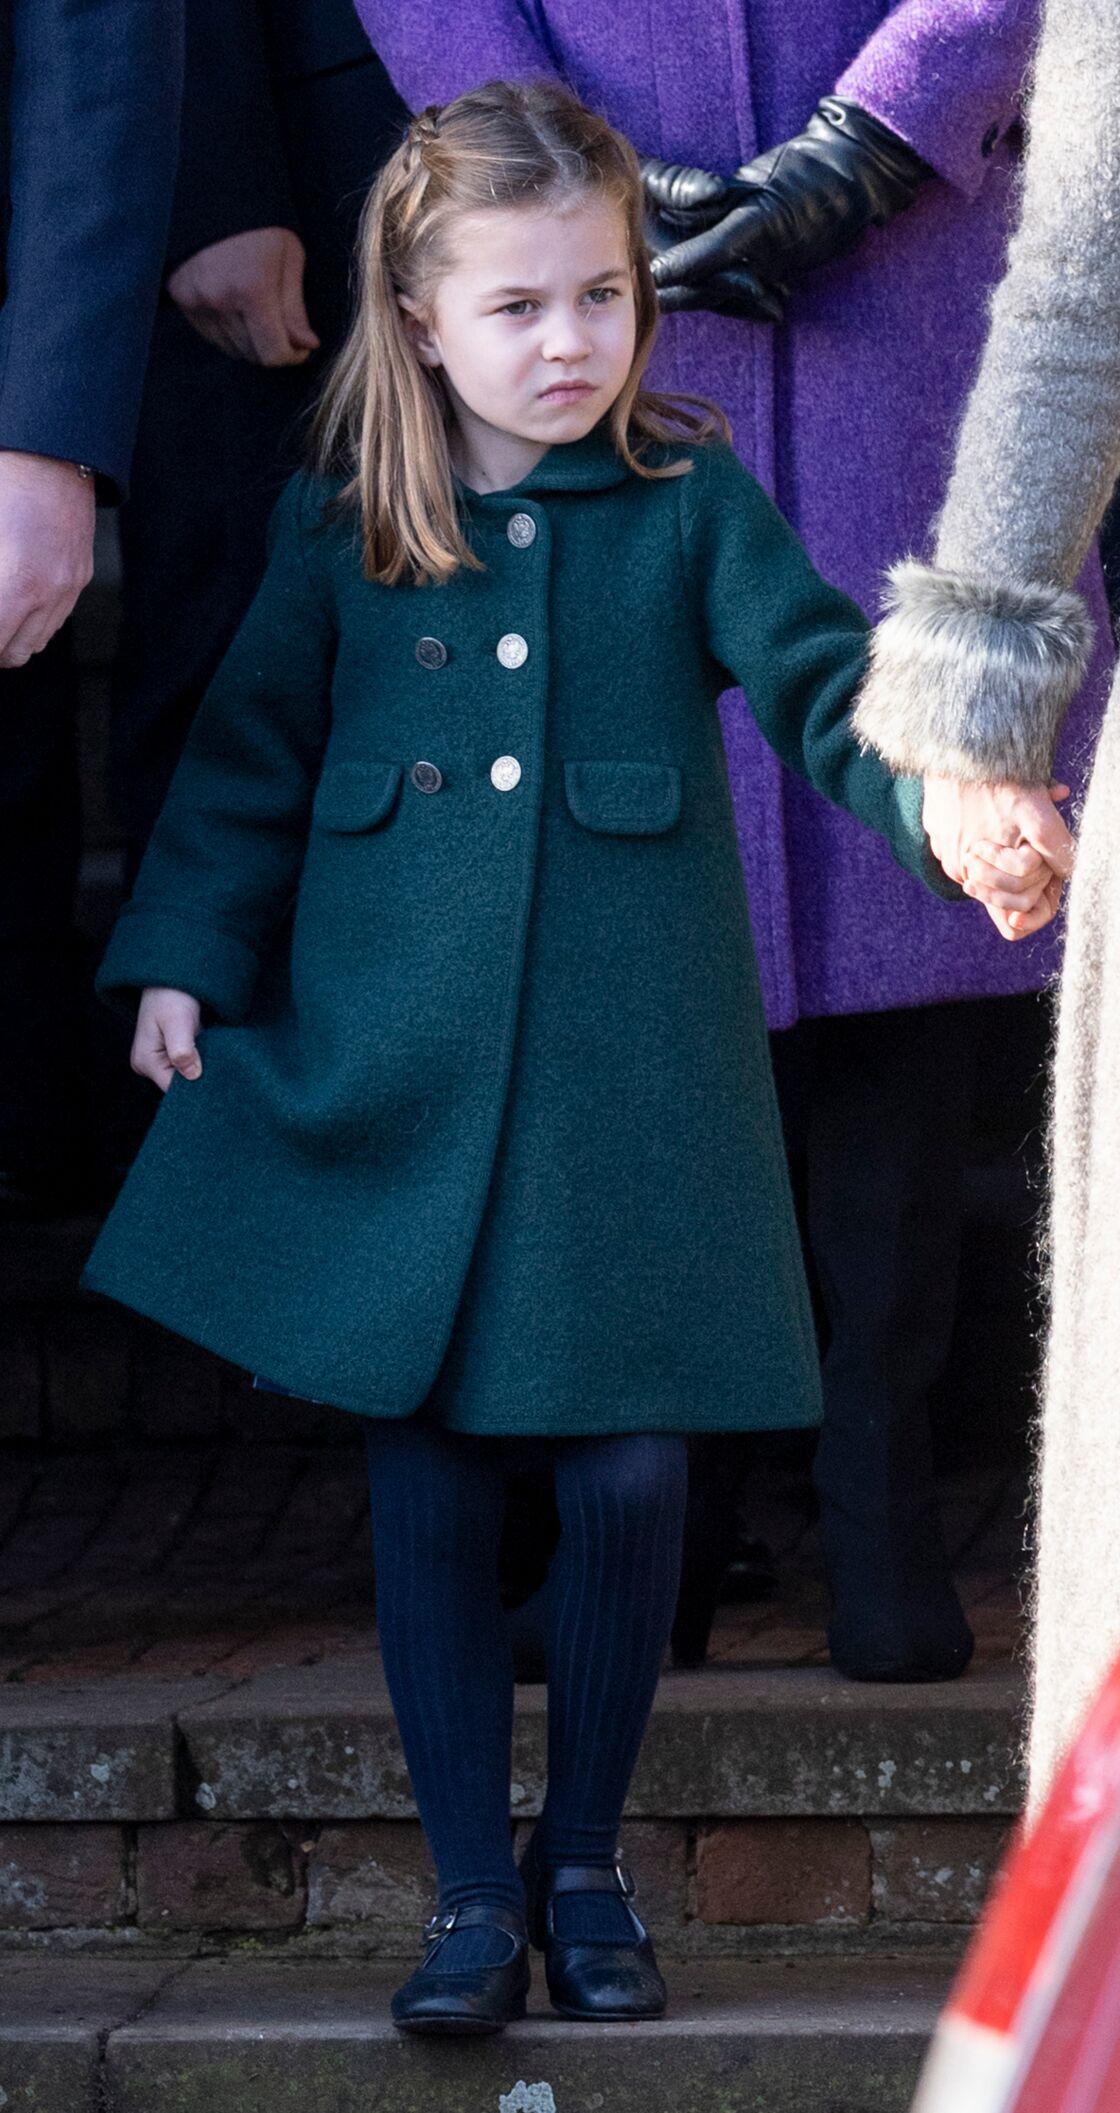 La princesse Charlotte le 25 décembre dernier lors de la messe de Noël à Sandringham, au Royaume-Uni.